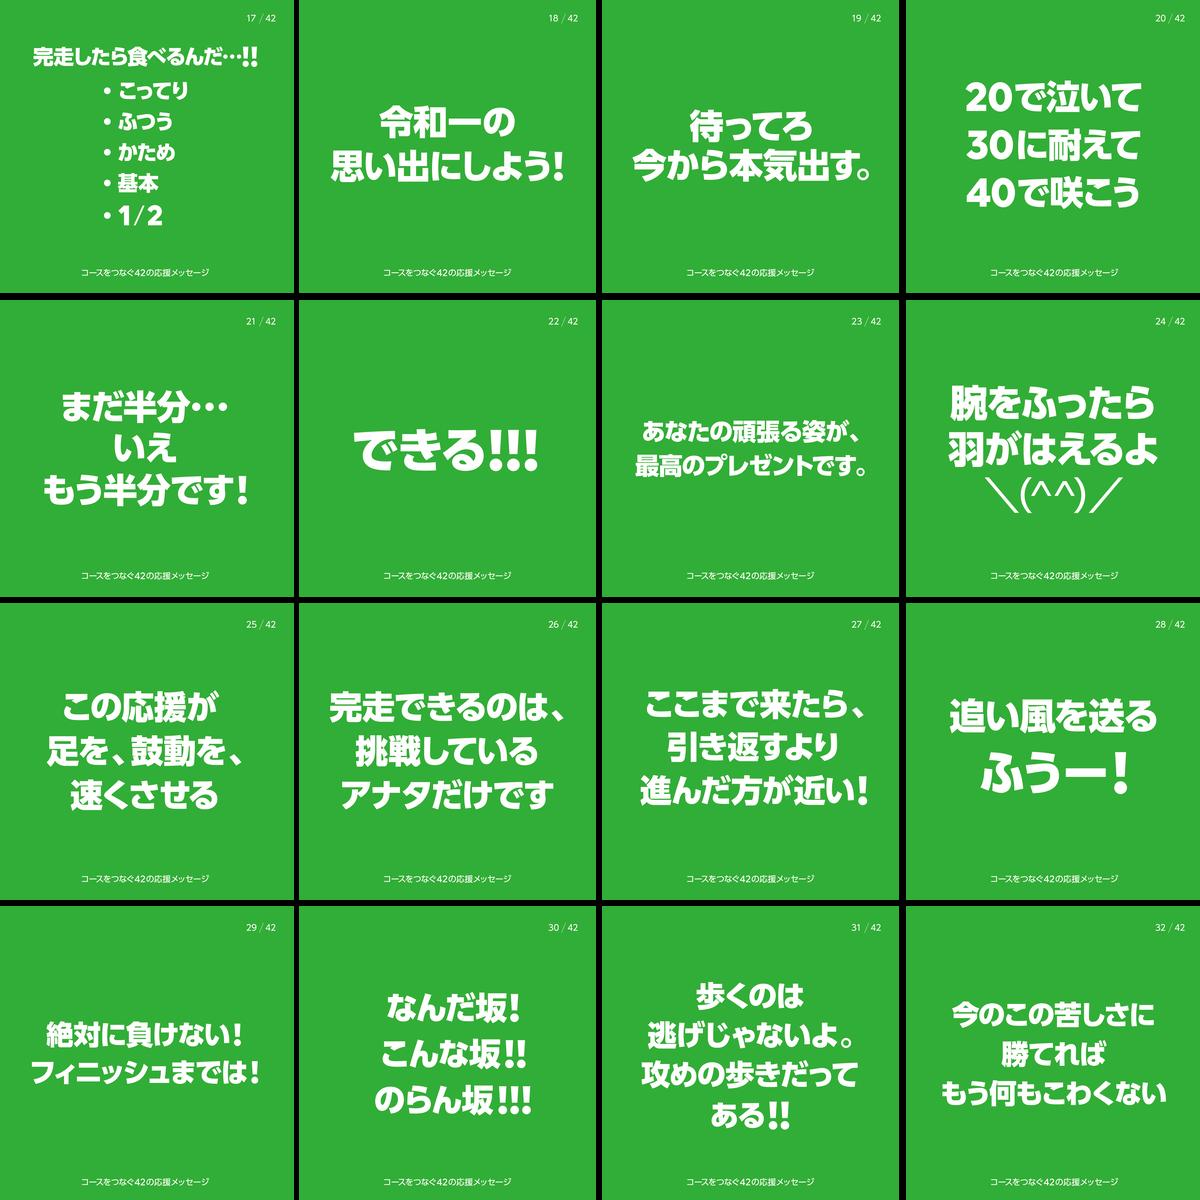 アセット 3